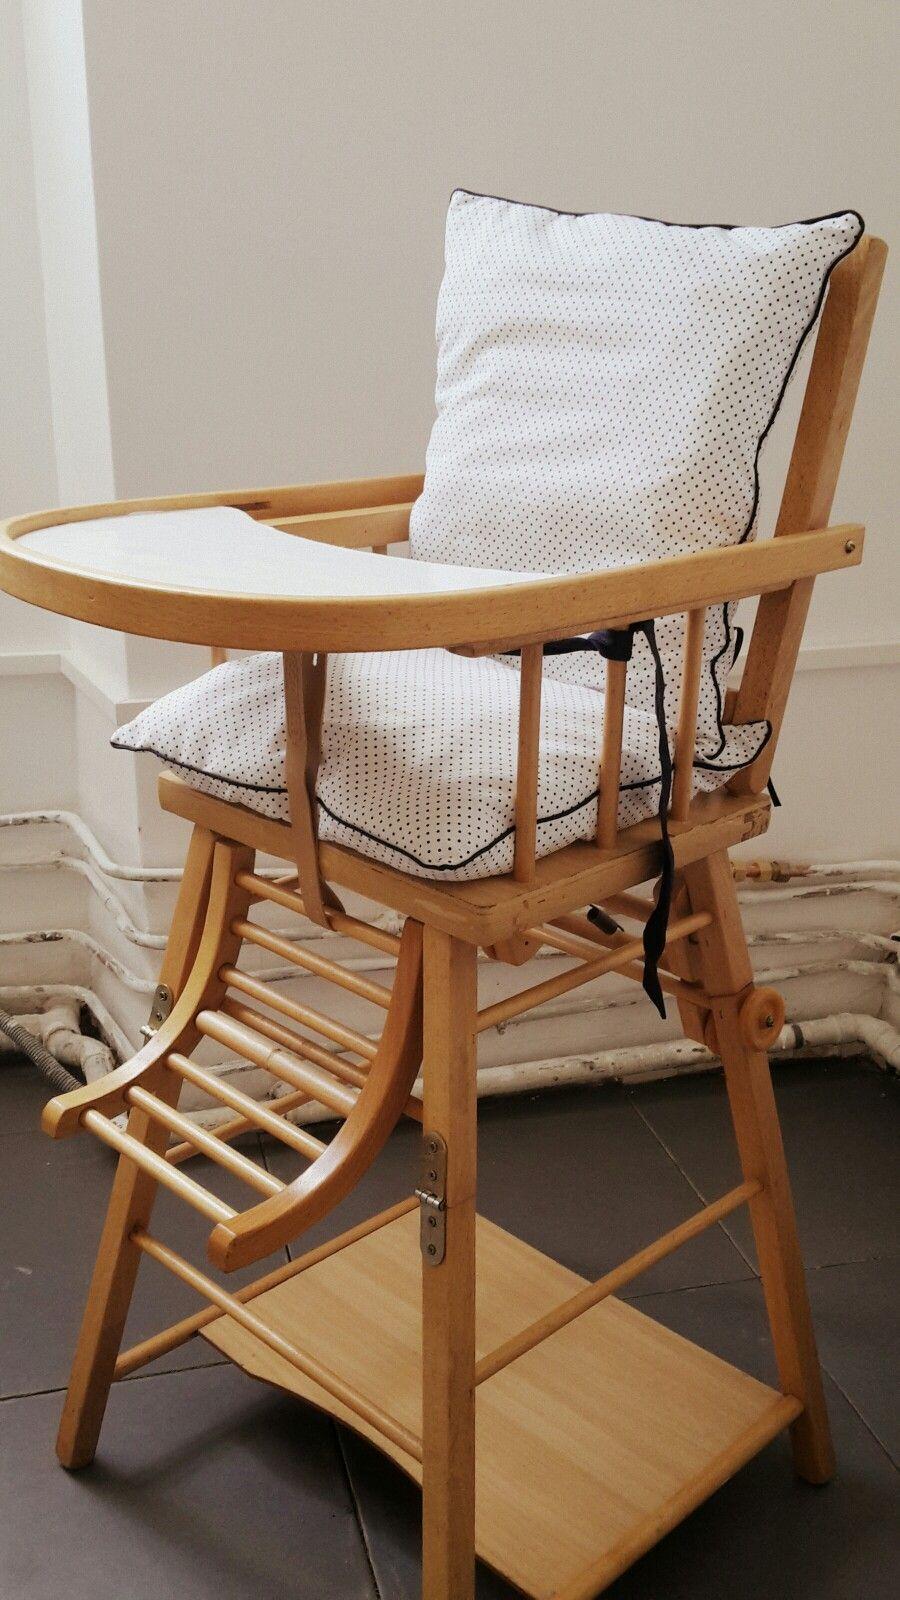 Chaise Haute Combelle Retapee Et Coussin Diy Pour Moins De 10 Euros Chaise Haute Combelle Chaise Haute Chambre Bebe